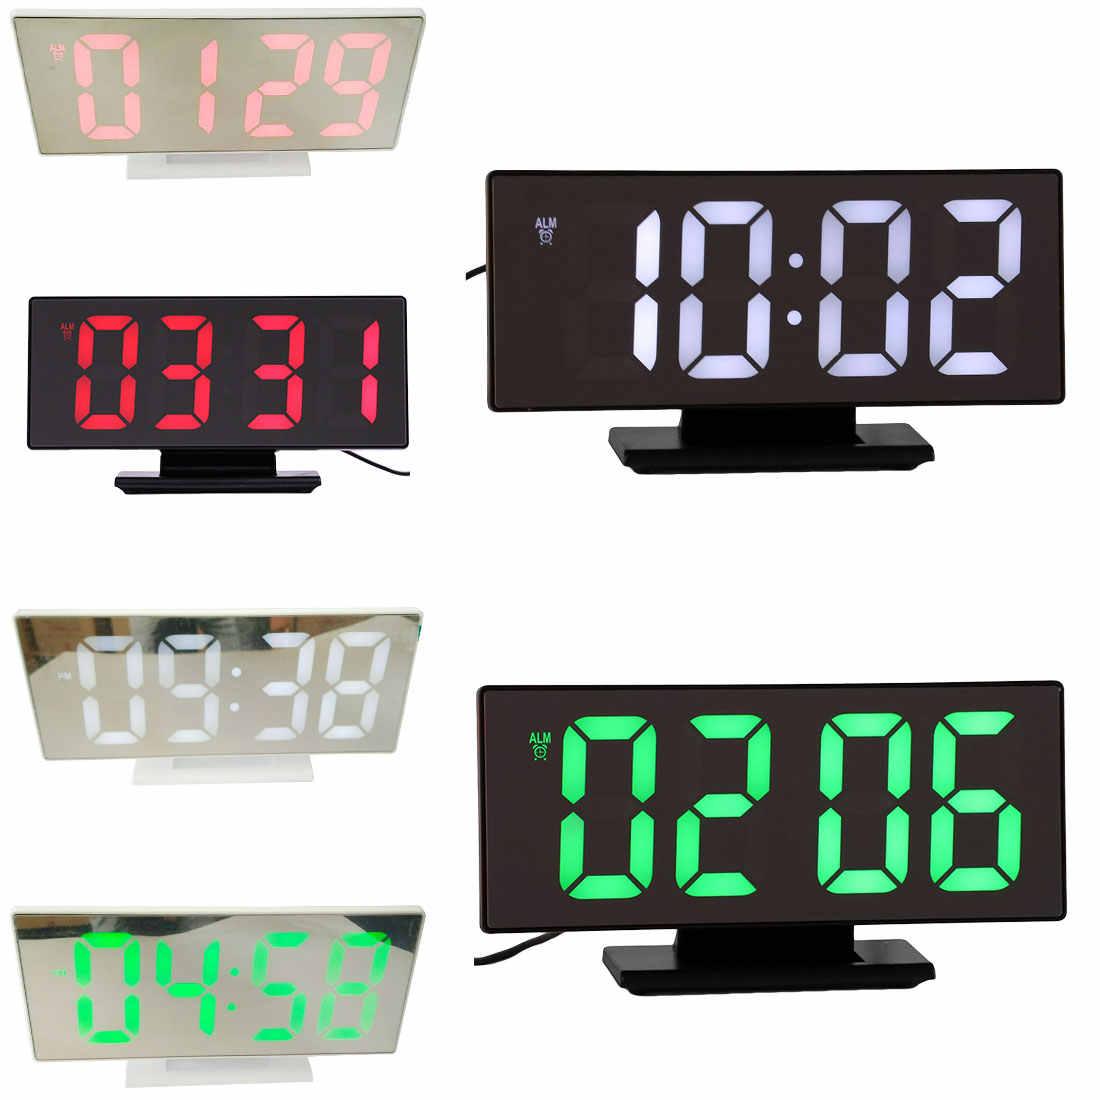 متعددة الوظائف منبه رقمي على مدار الساعة LED عرض مرآة ساعة غفوة الوقت طاولة ليلية سطح المكتب reloj despertador مع كابل يو اس بي